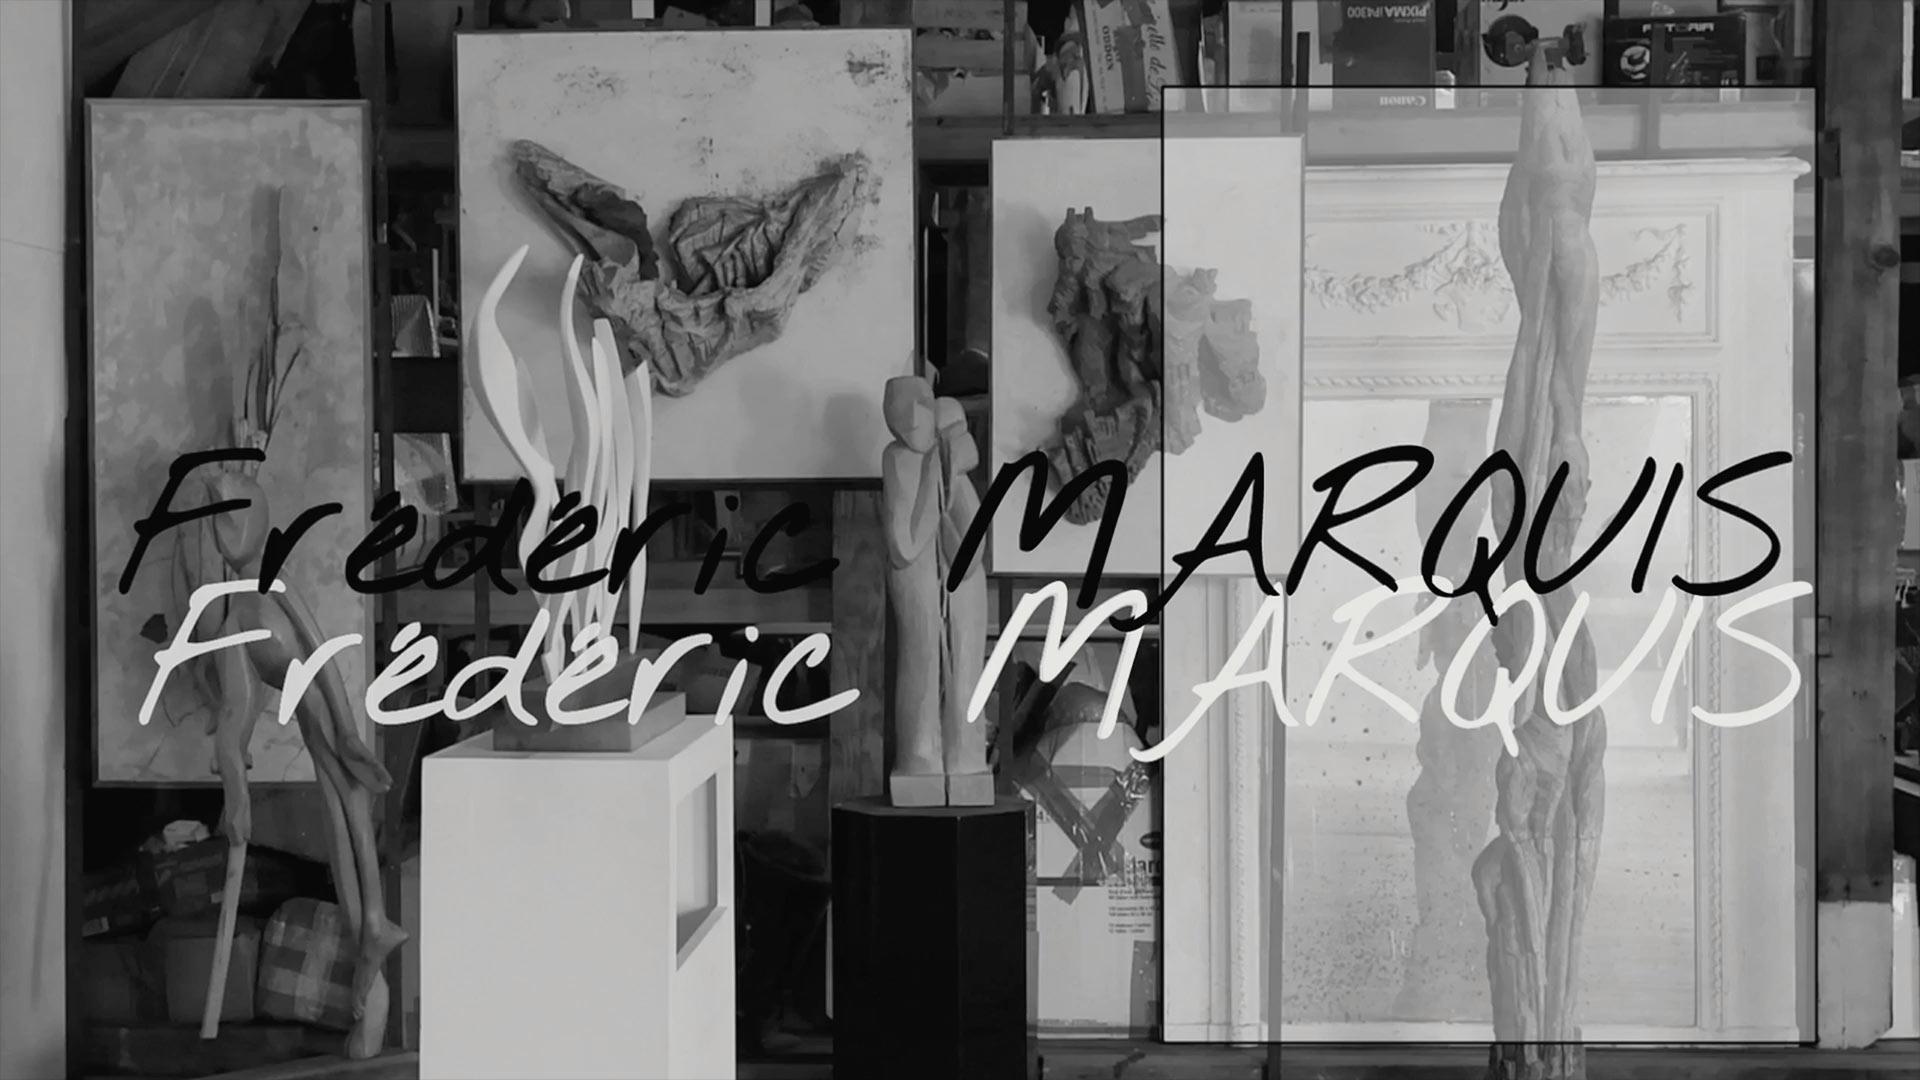 FRÉDÉRIC MARQUIS - Sculpteur à Rambouillet